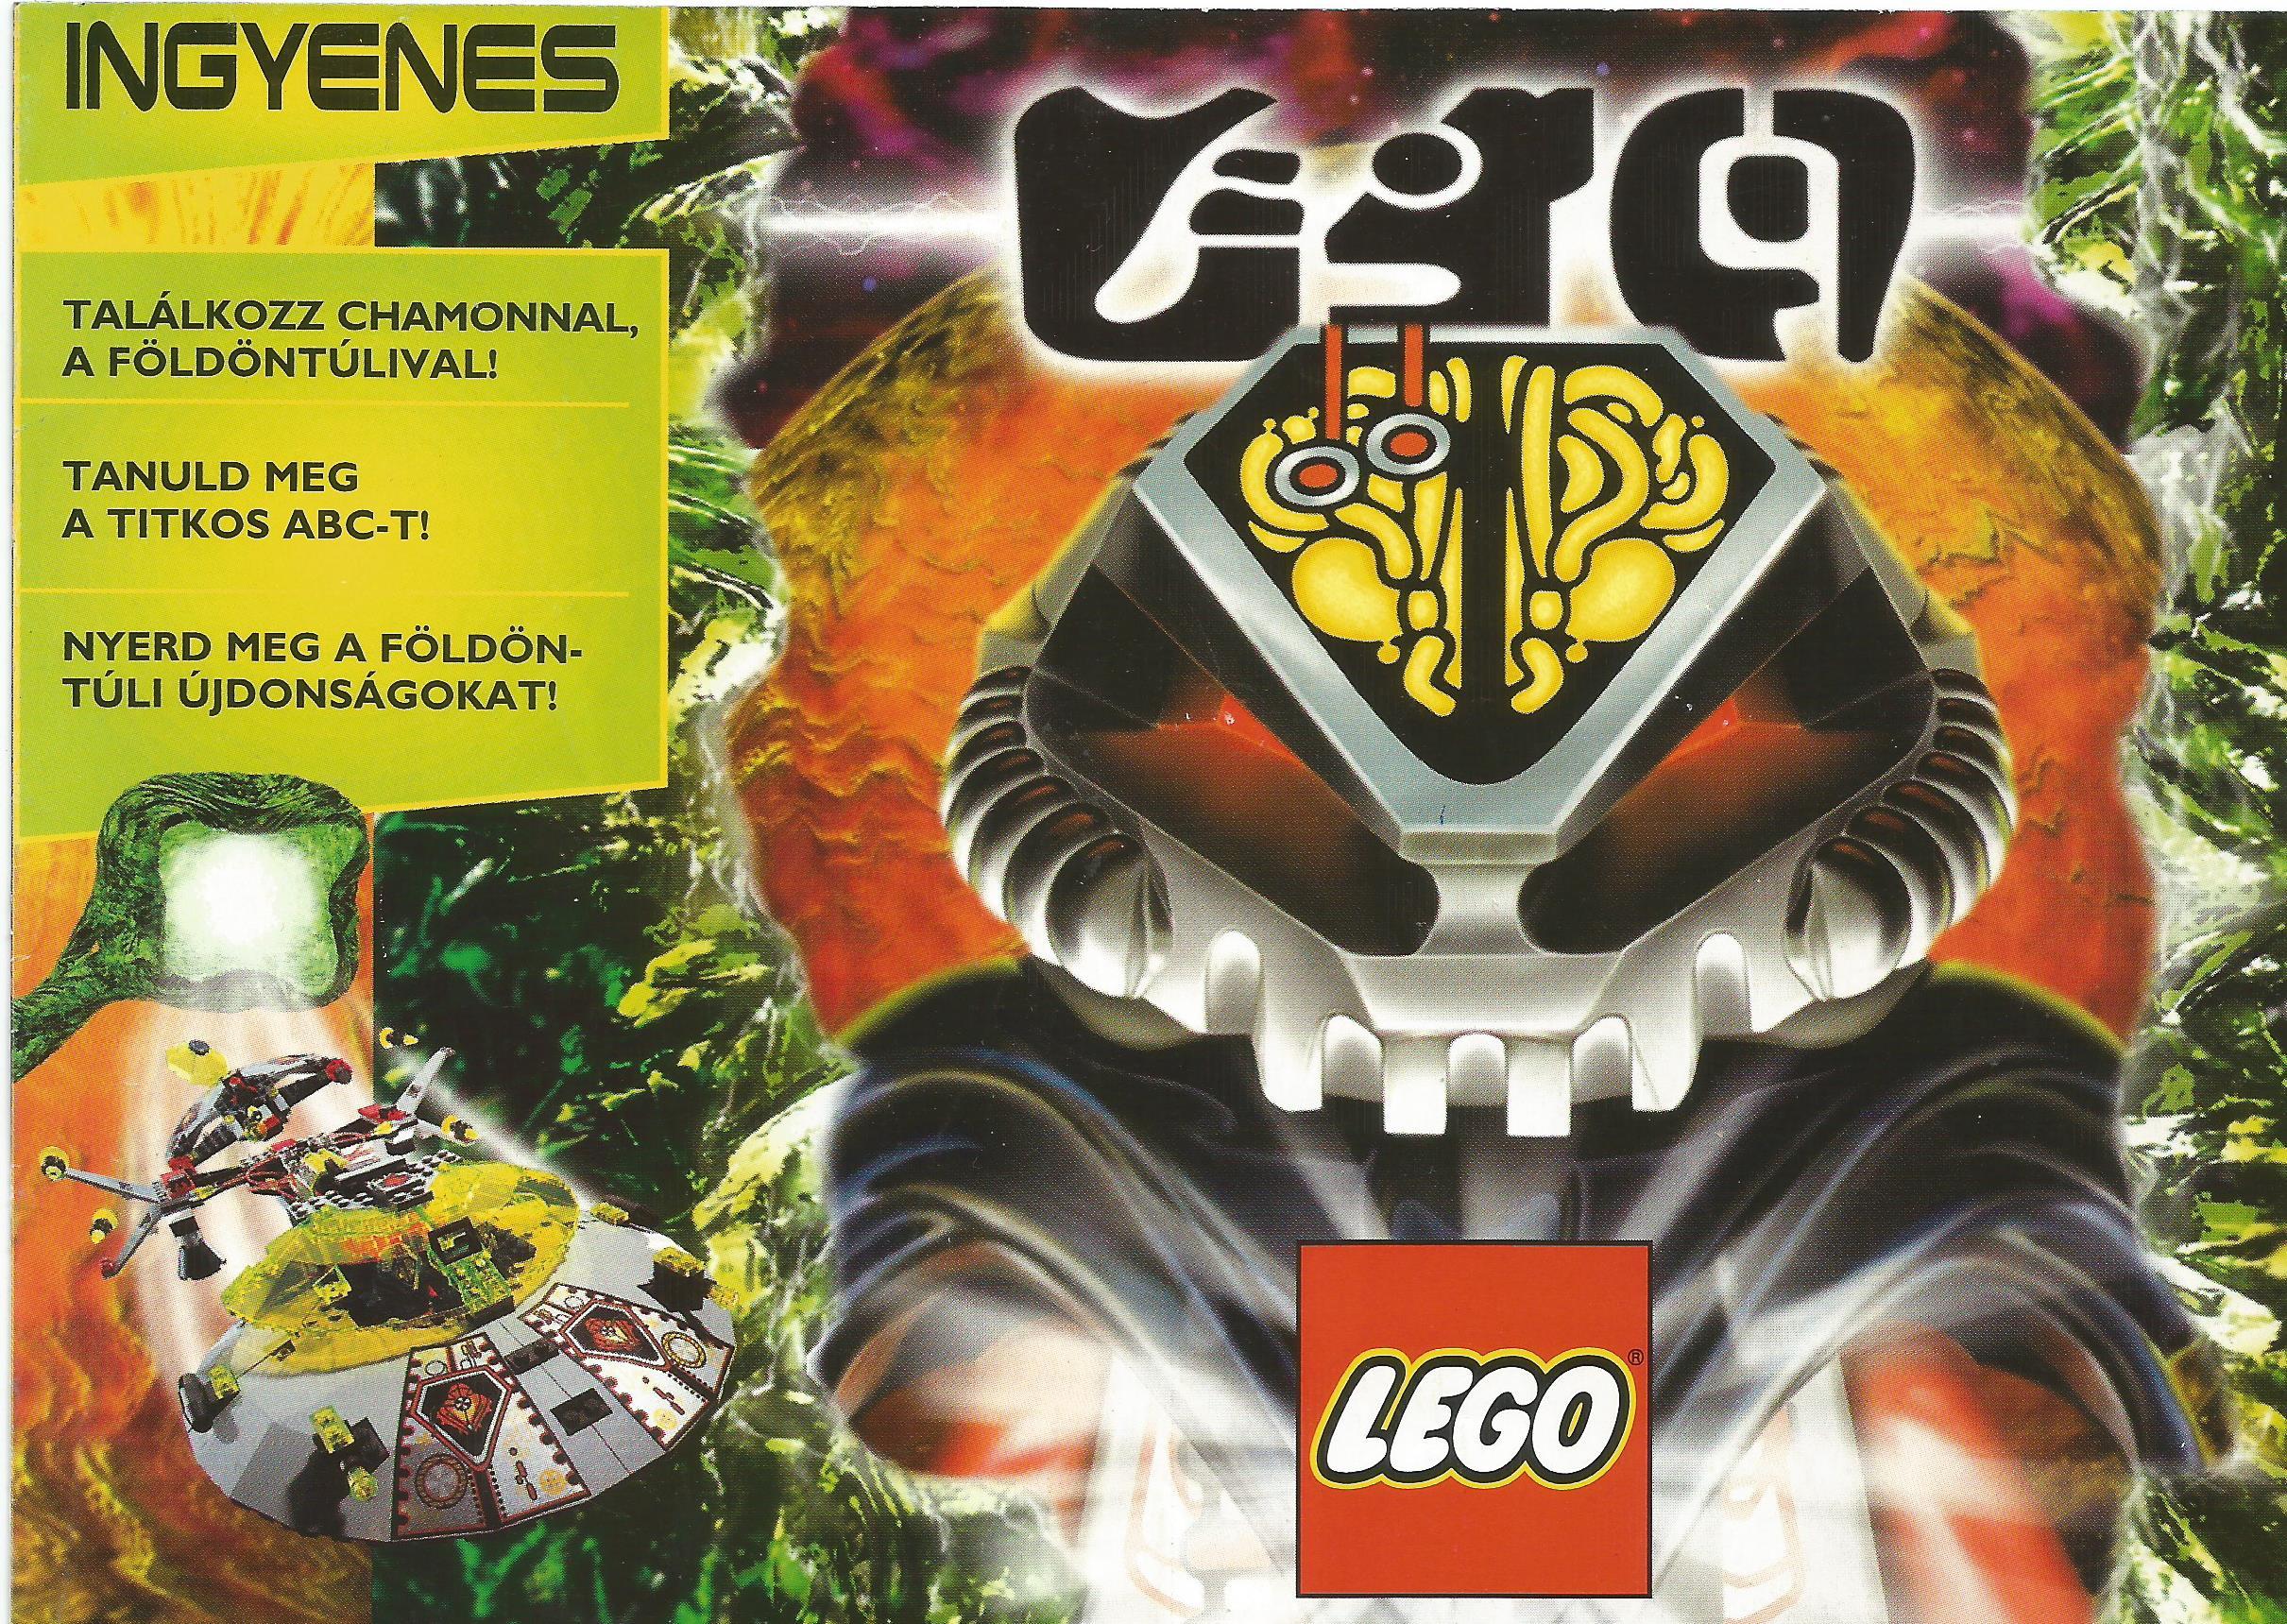 Lego Ufo reklámanyag 1997-ből